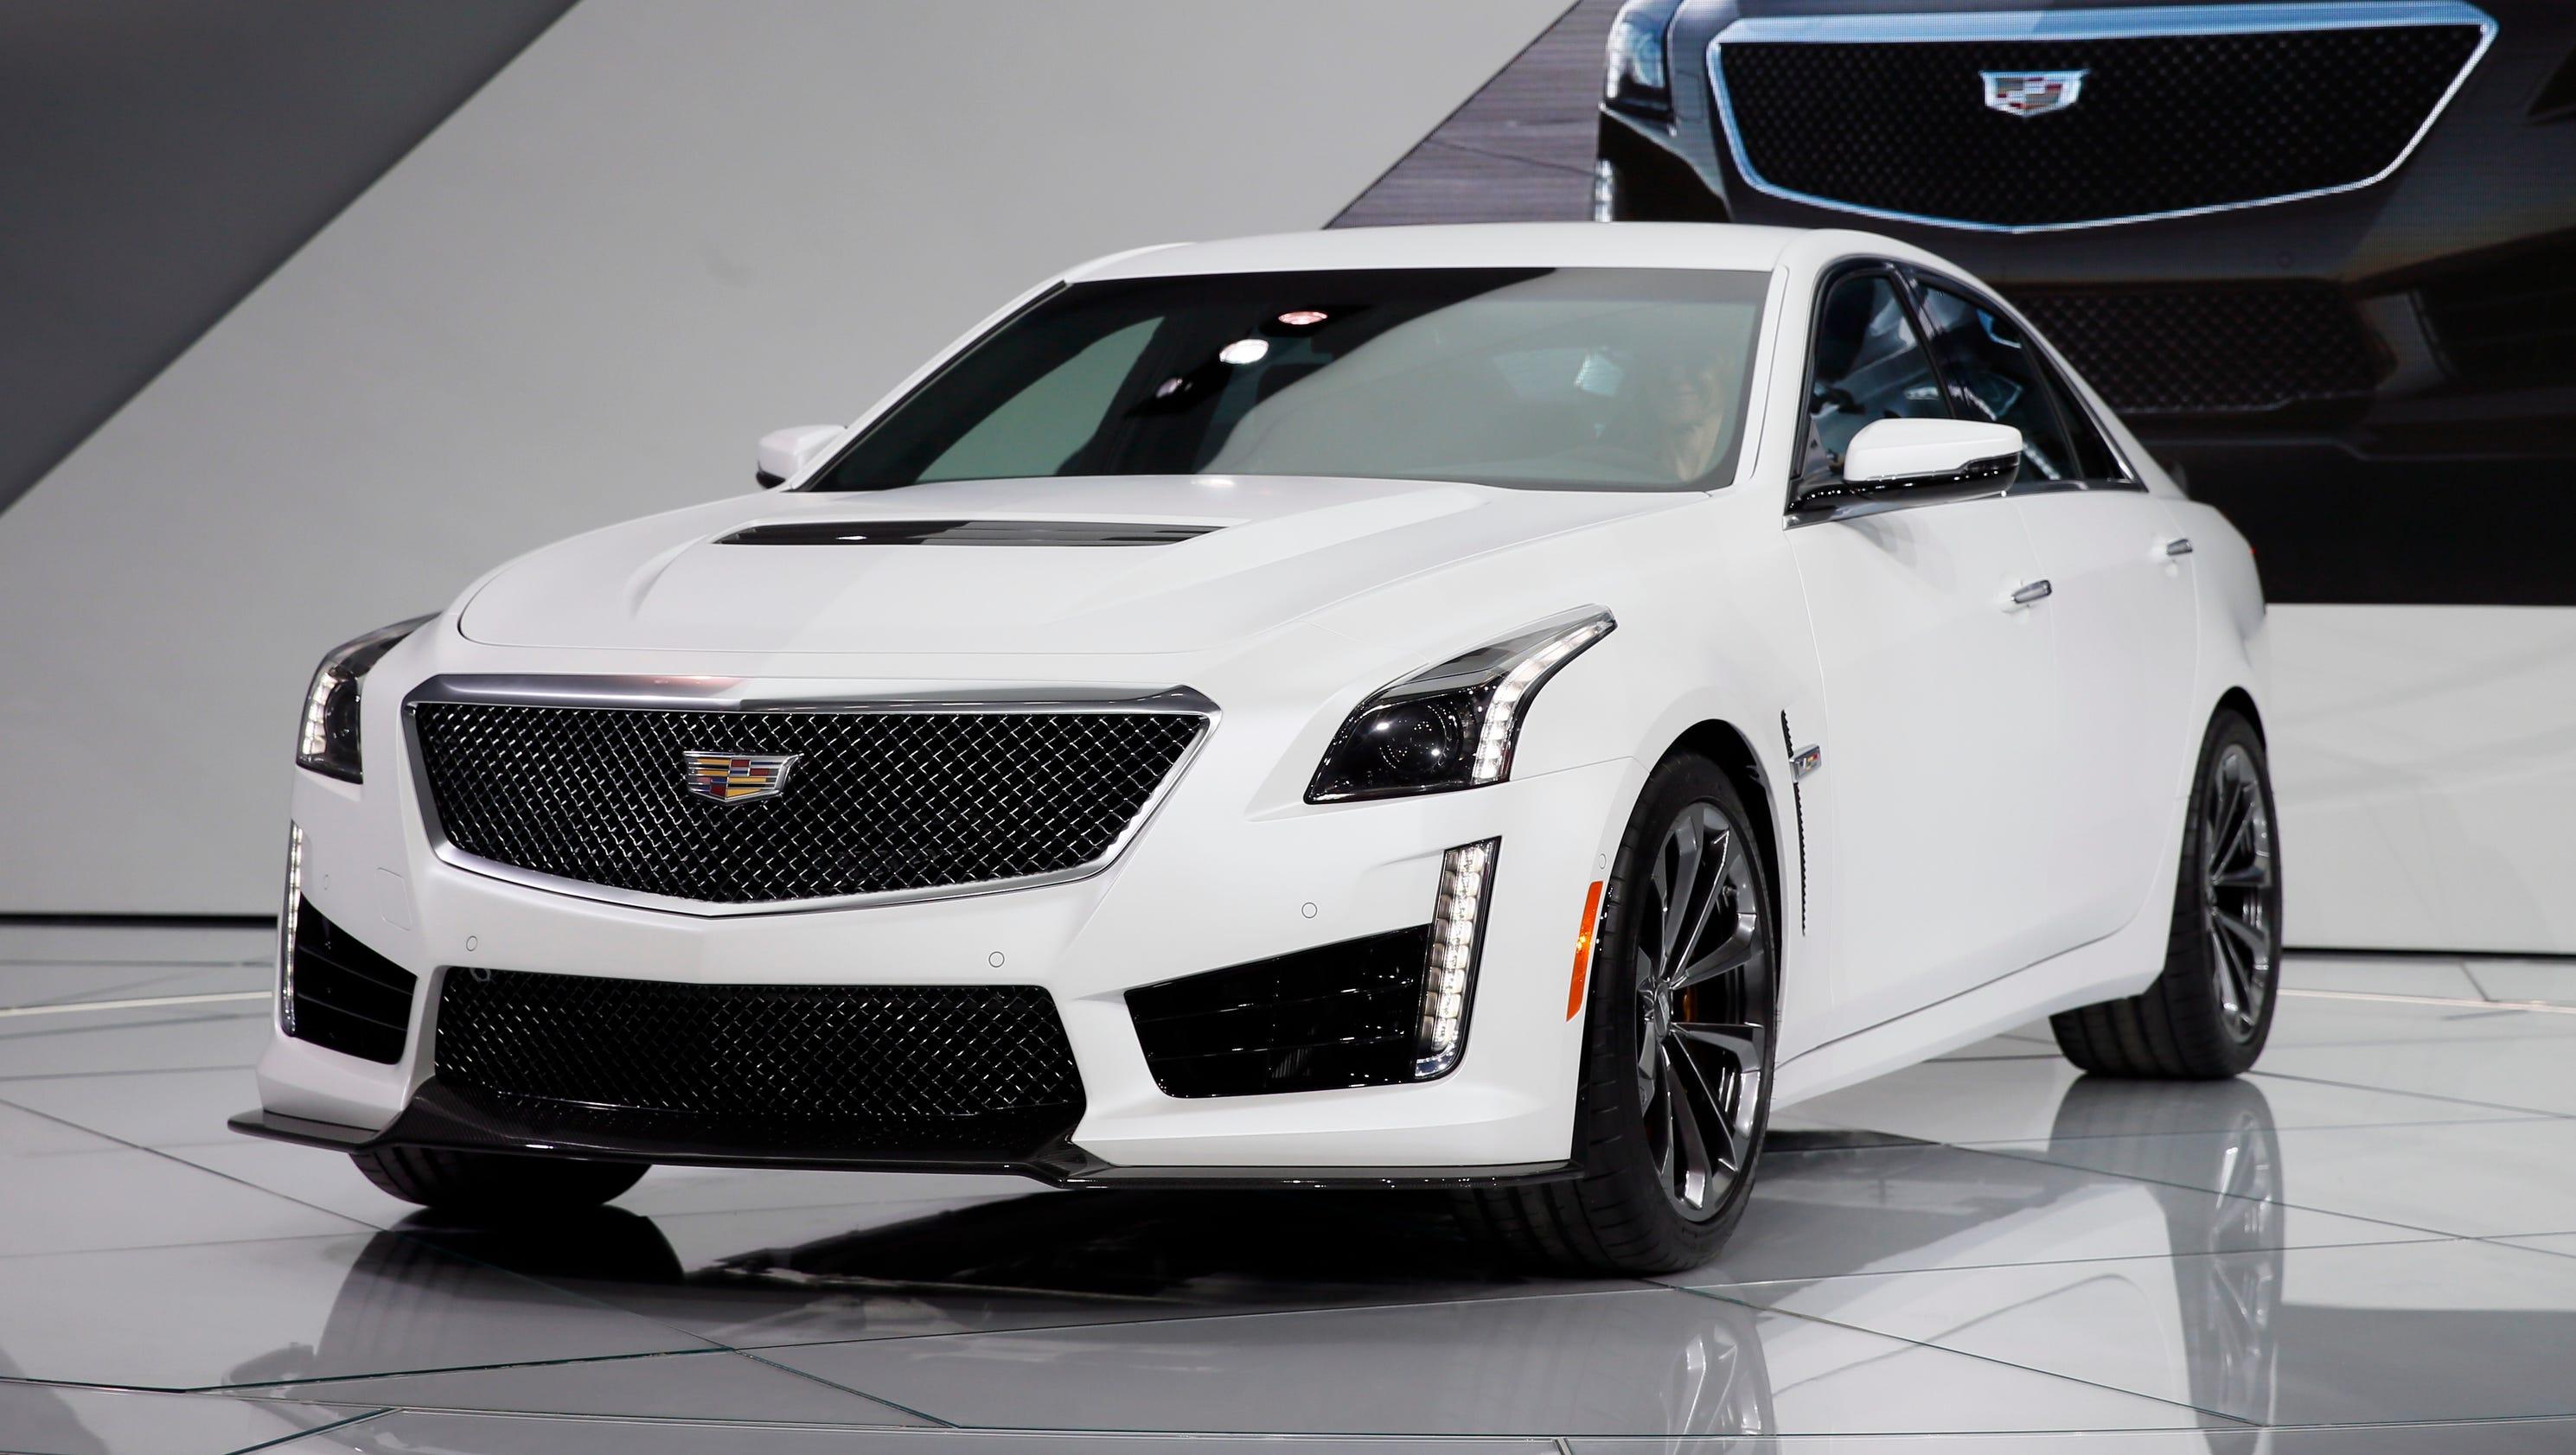 Cadillac's next-gen CTS-V boasts 640 horsepower